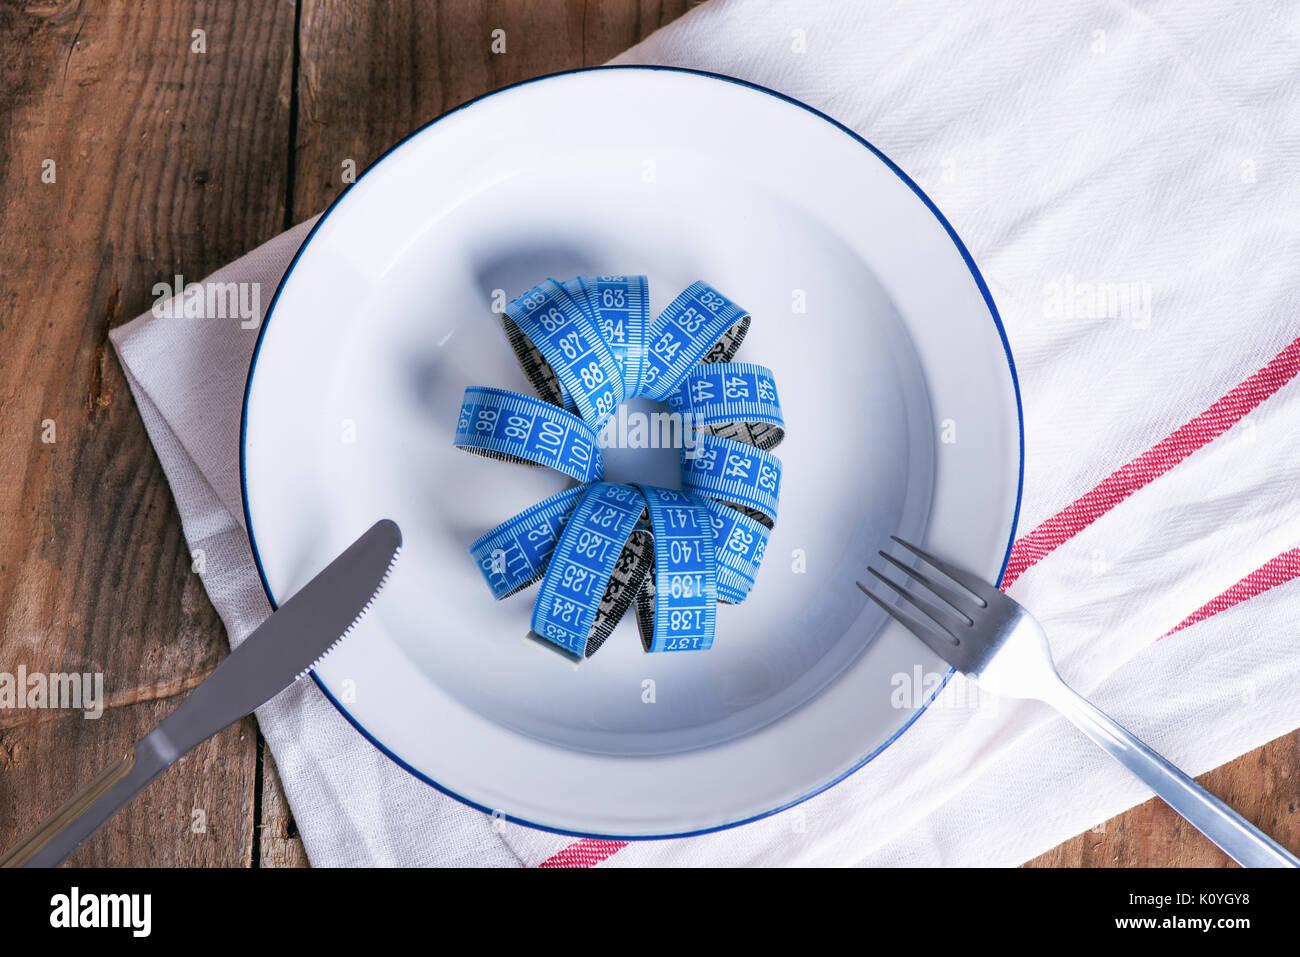 Concepto de dieta y pérdida de peso. Placa de vacío con cinta métrica en el centro de la placa. Imagen De Stock